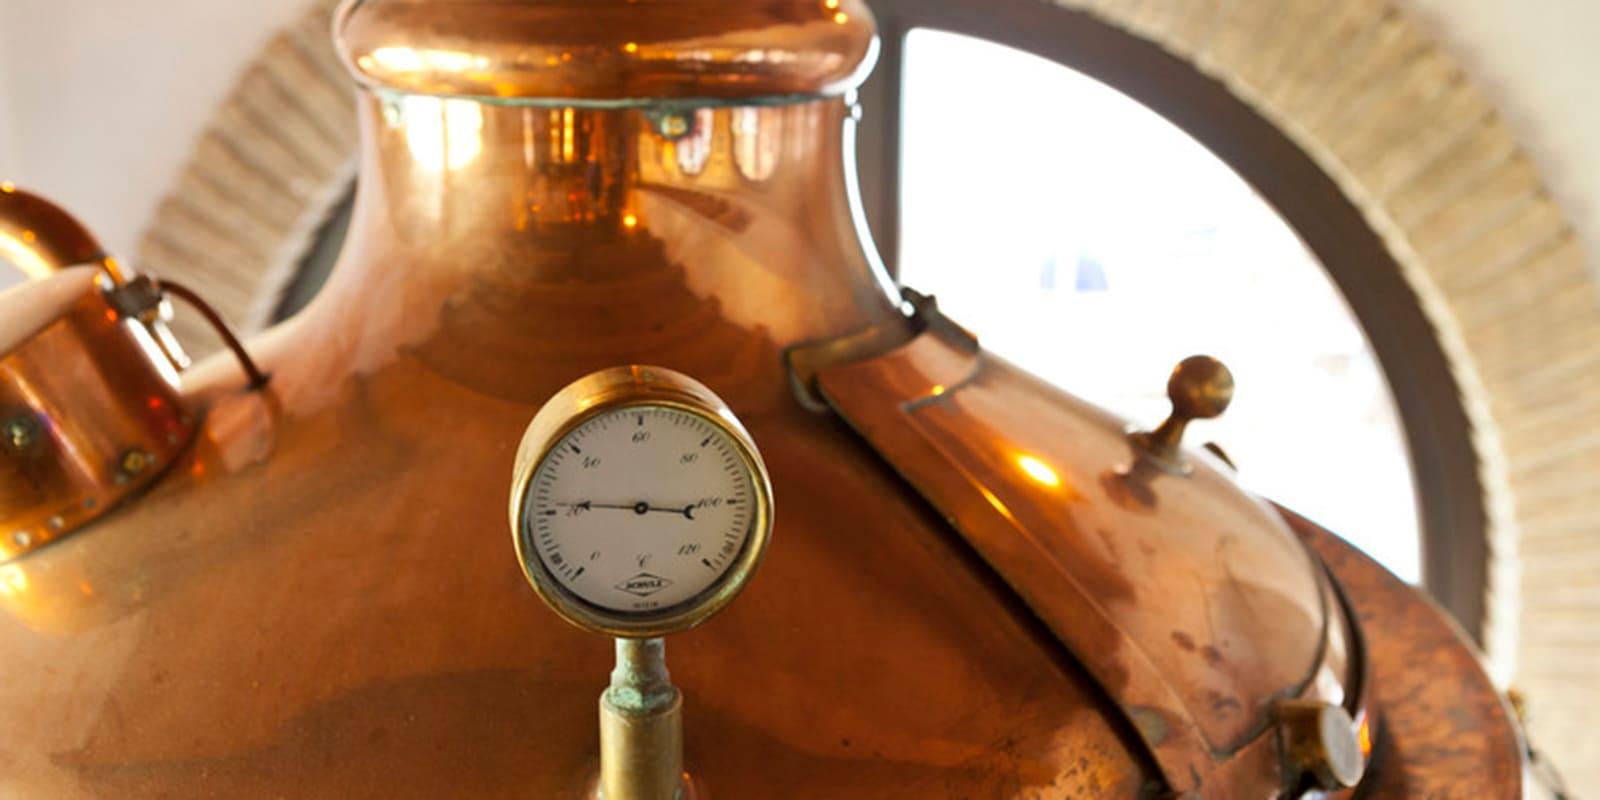 GERHARTS - Brauereien erleben